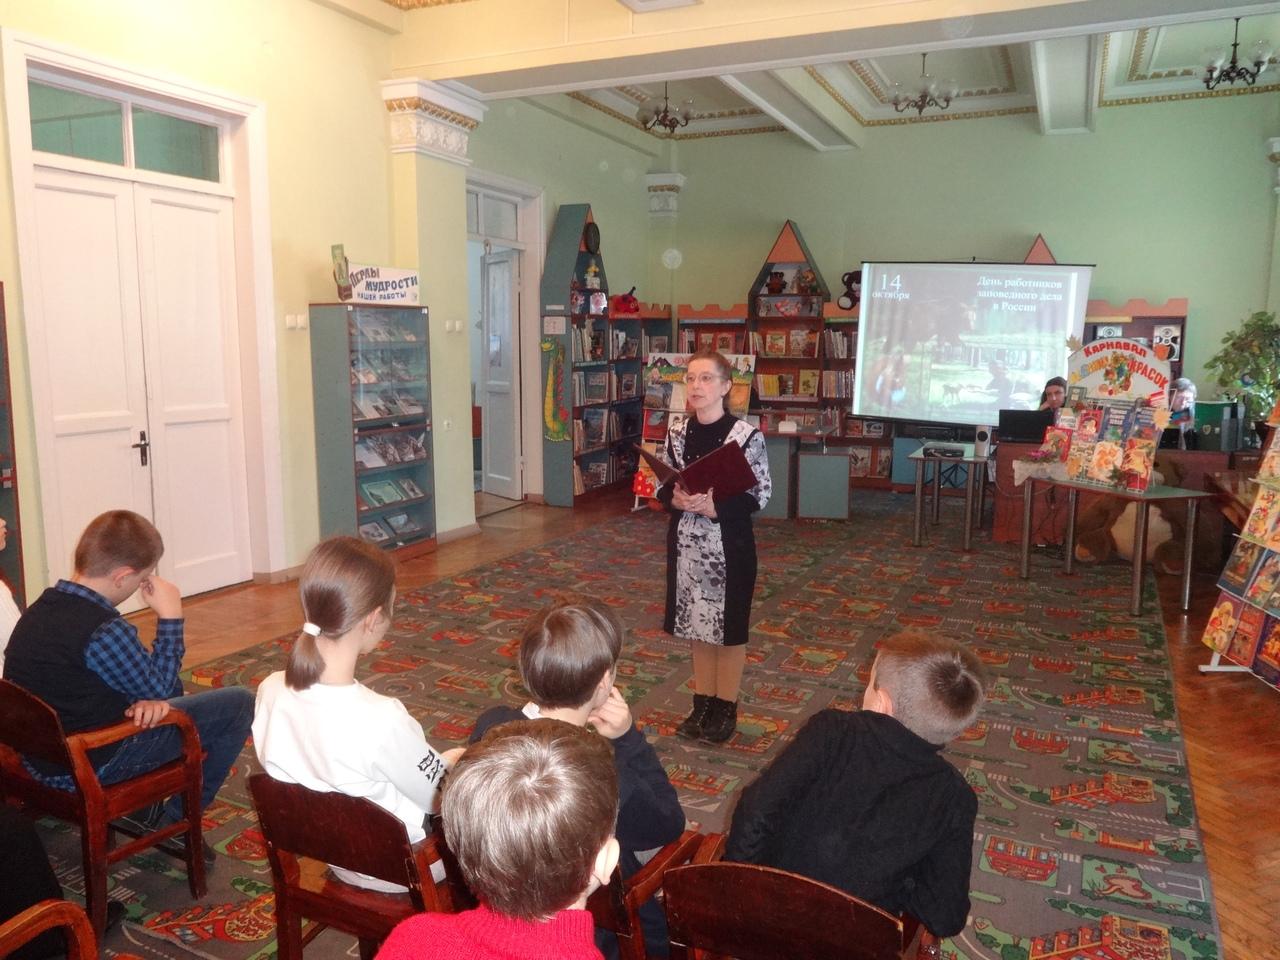 донецкая республиканская библиотека для детей, отдел обслуживания дошкольников и учащихся 1-4 классов,  в библиотеке интересно, природа донецкого края, зуевский парк